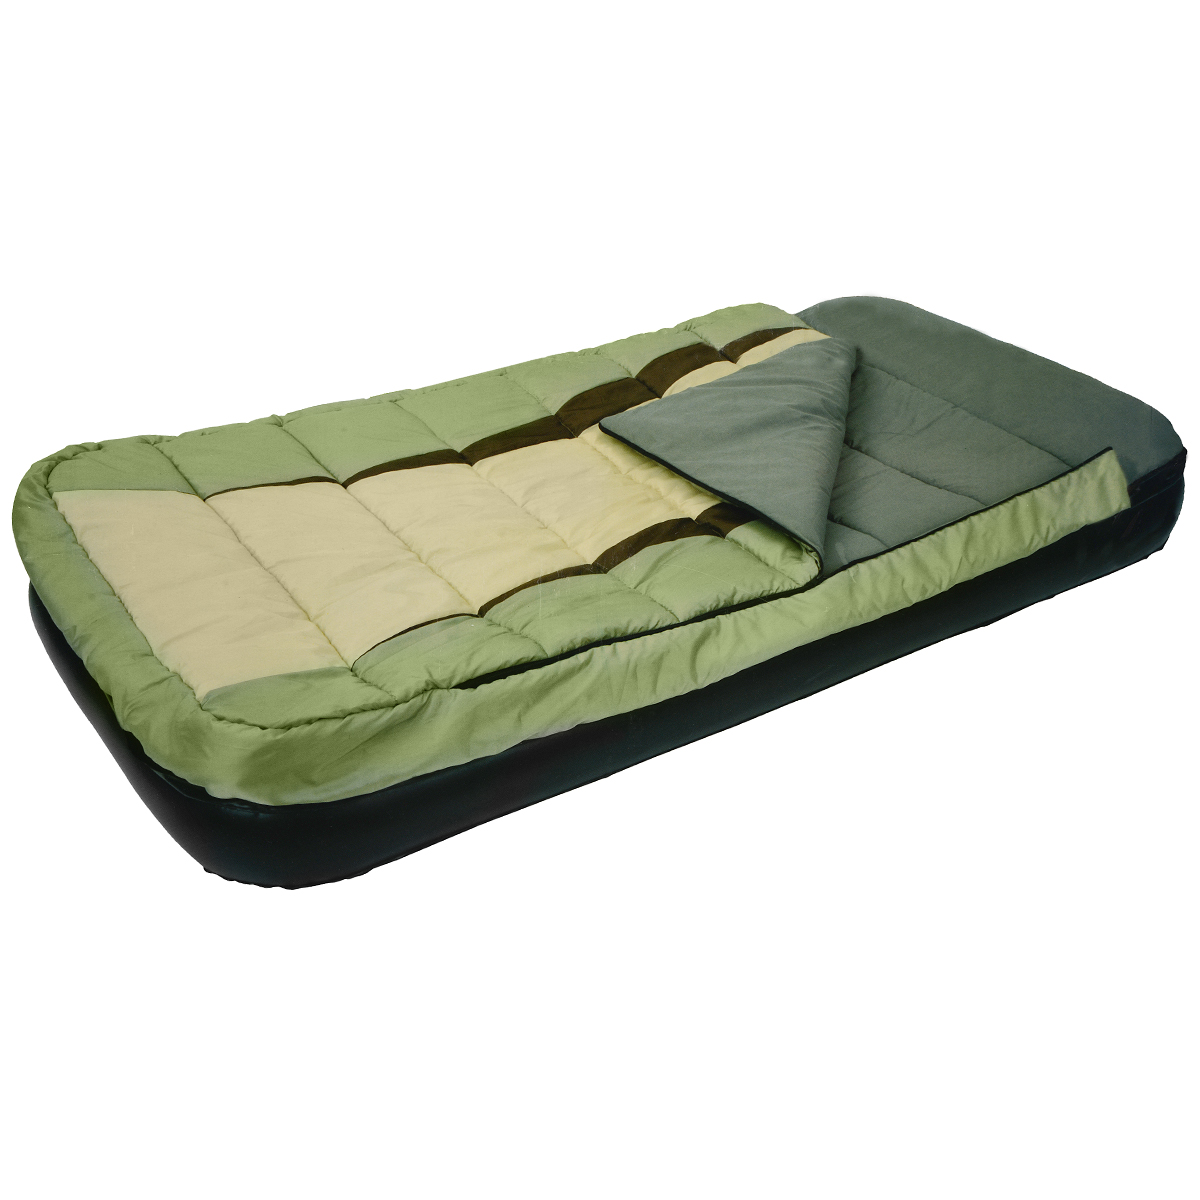 Кровать надувная Relax со спальником, 190 х 99 х 25 см надувная мебель relax кровать надувная со встроенным эл насосом flocked air bed twin